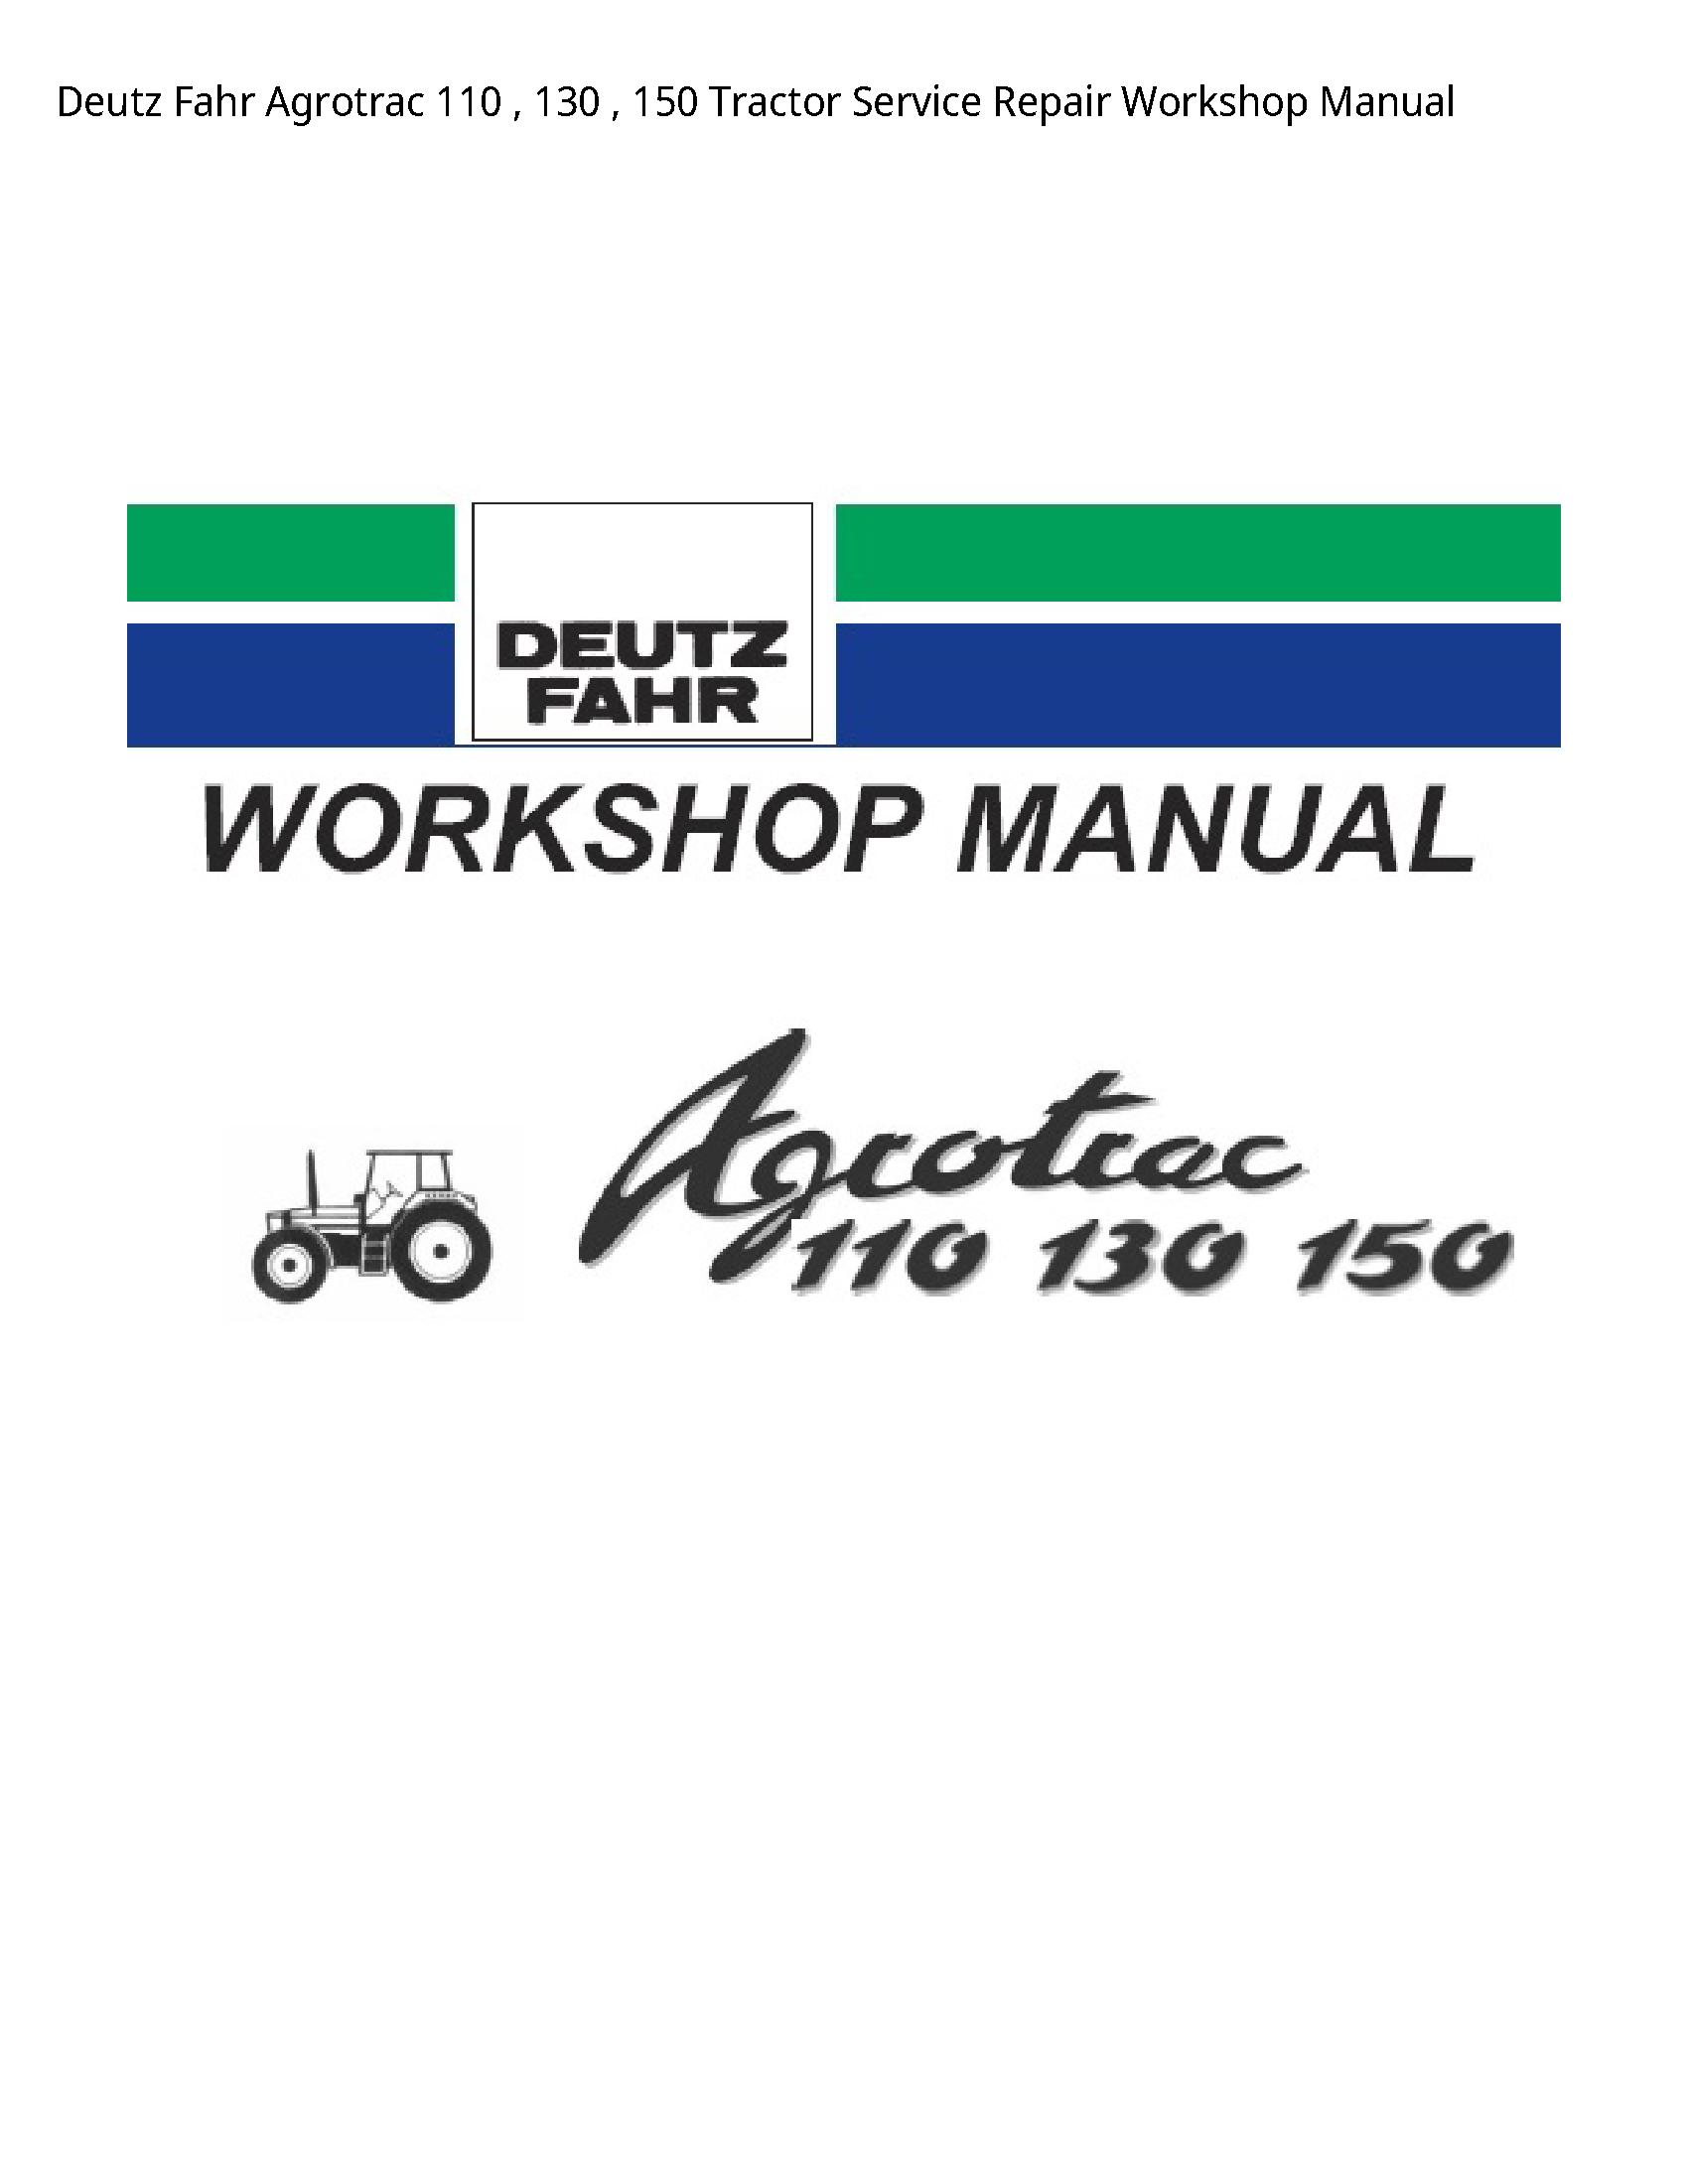 Deutz 110 Fahr Agrotrac Tractor manual